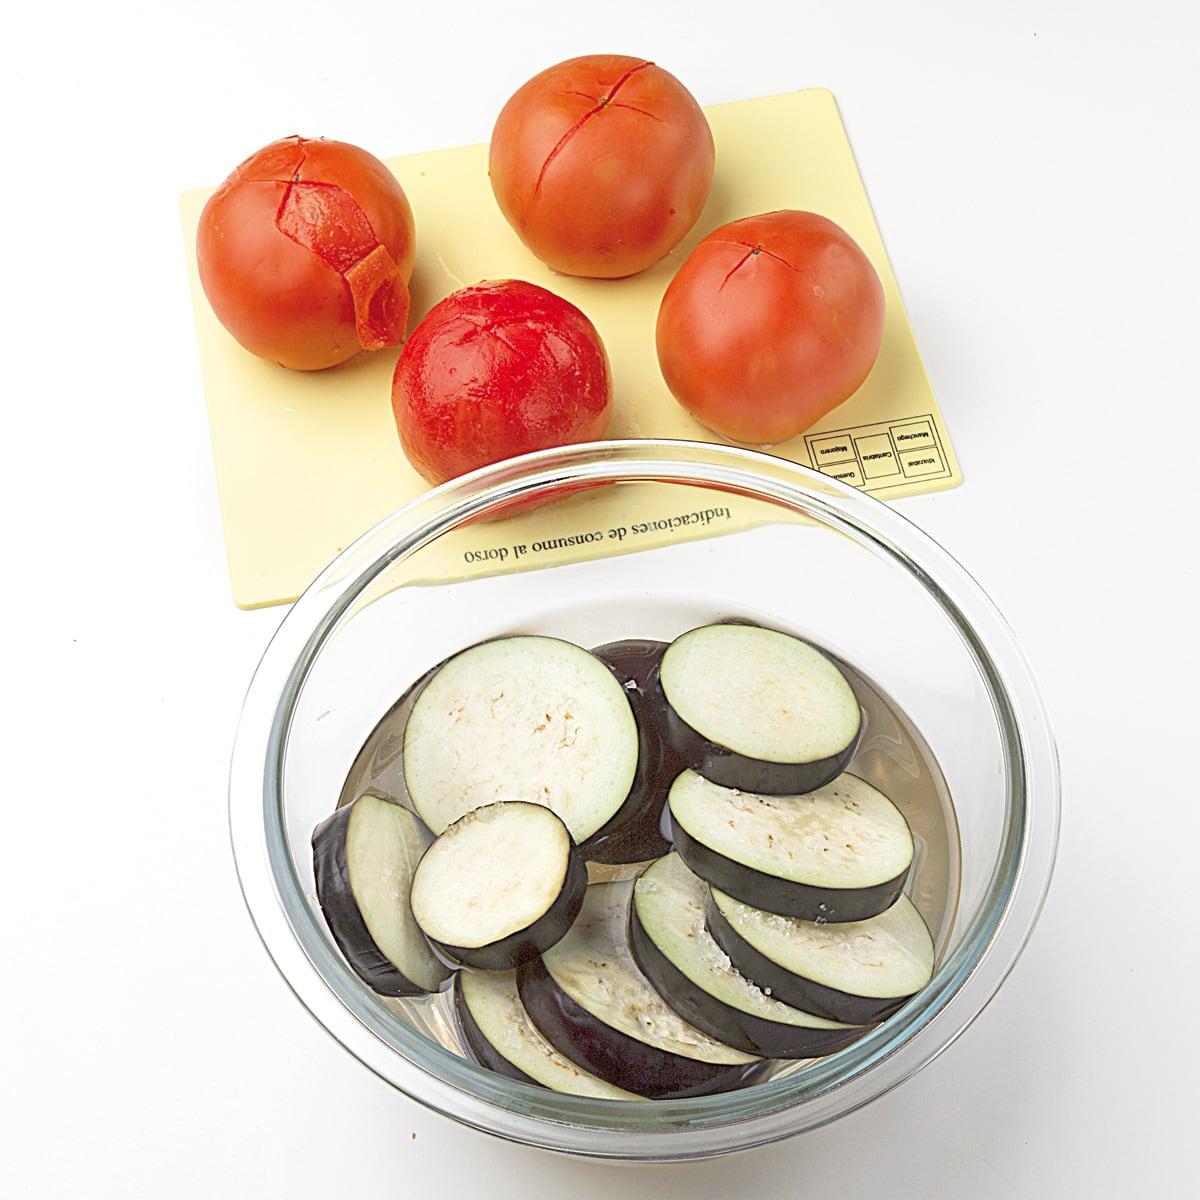 Recetas ideas interesantes y trucos de cocina semana - Berenjenas con mozzarella ...